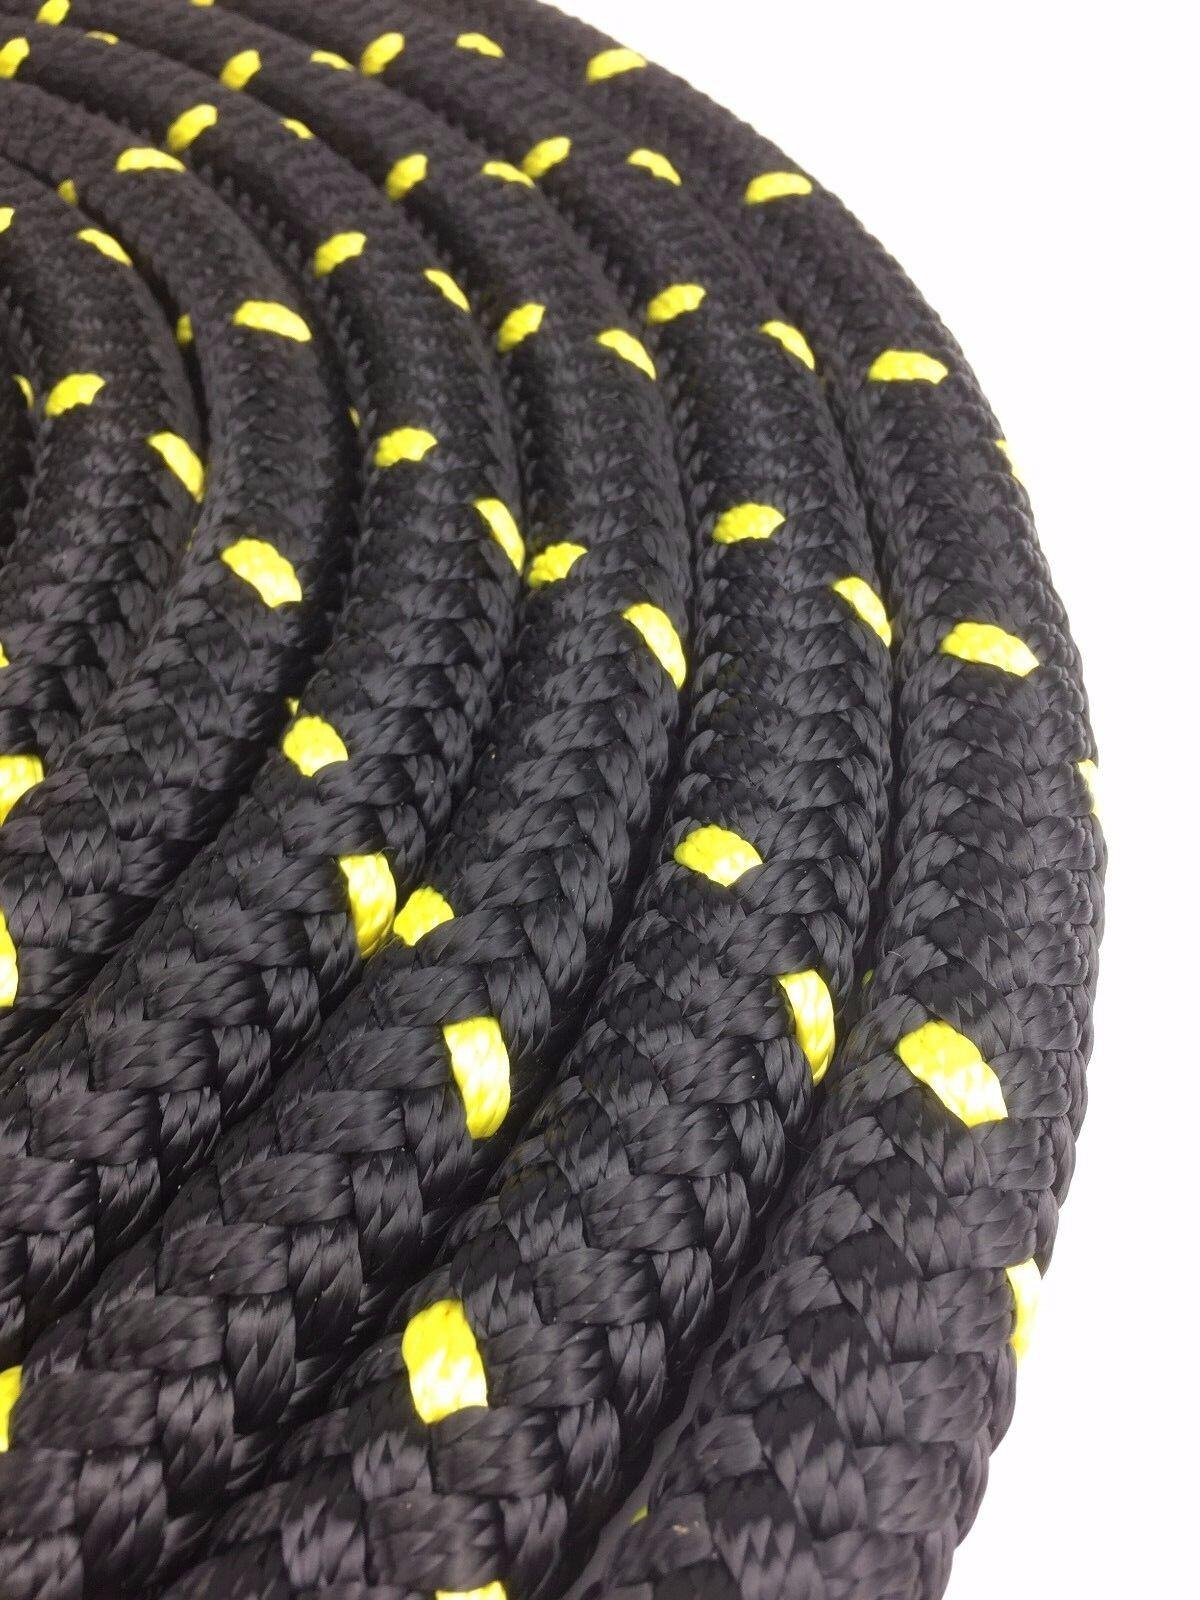 Nero & Giallo BATTAGLIA esercizio combatte con corde Fitness 12 Training palestre, 30 mm x 12 Fitness M 7fcbb9